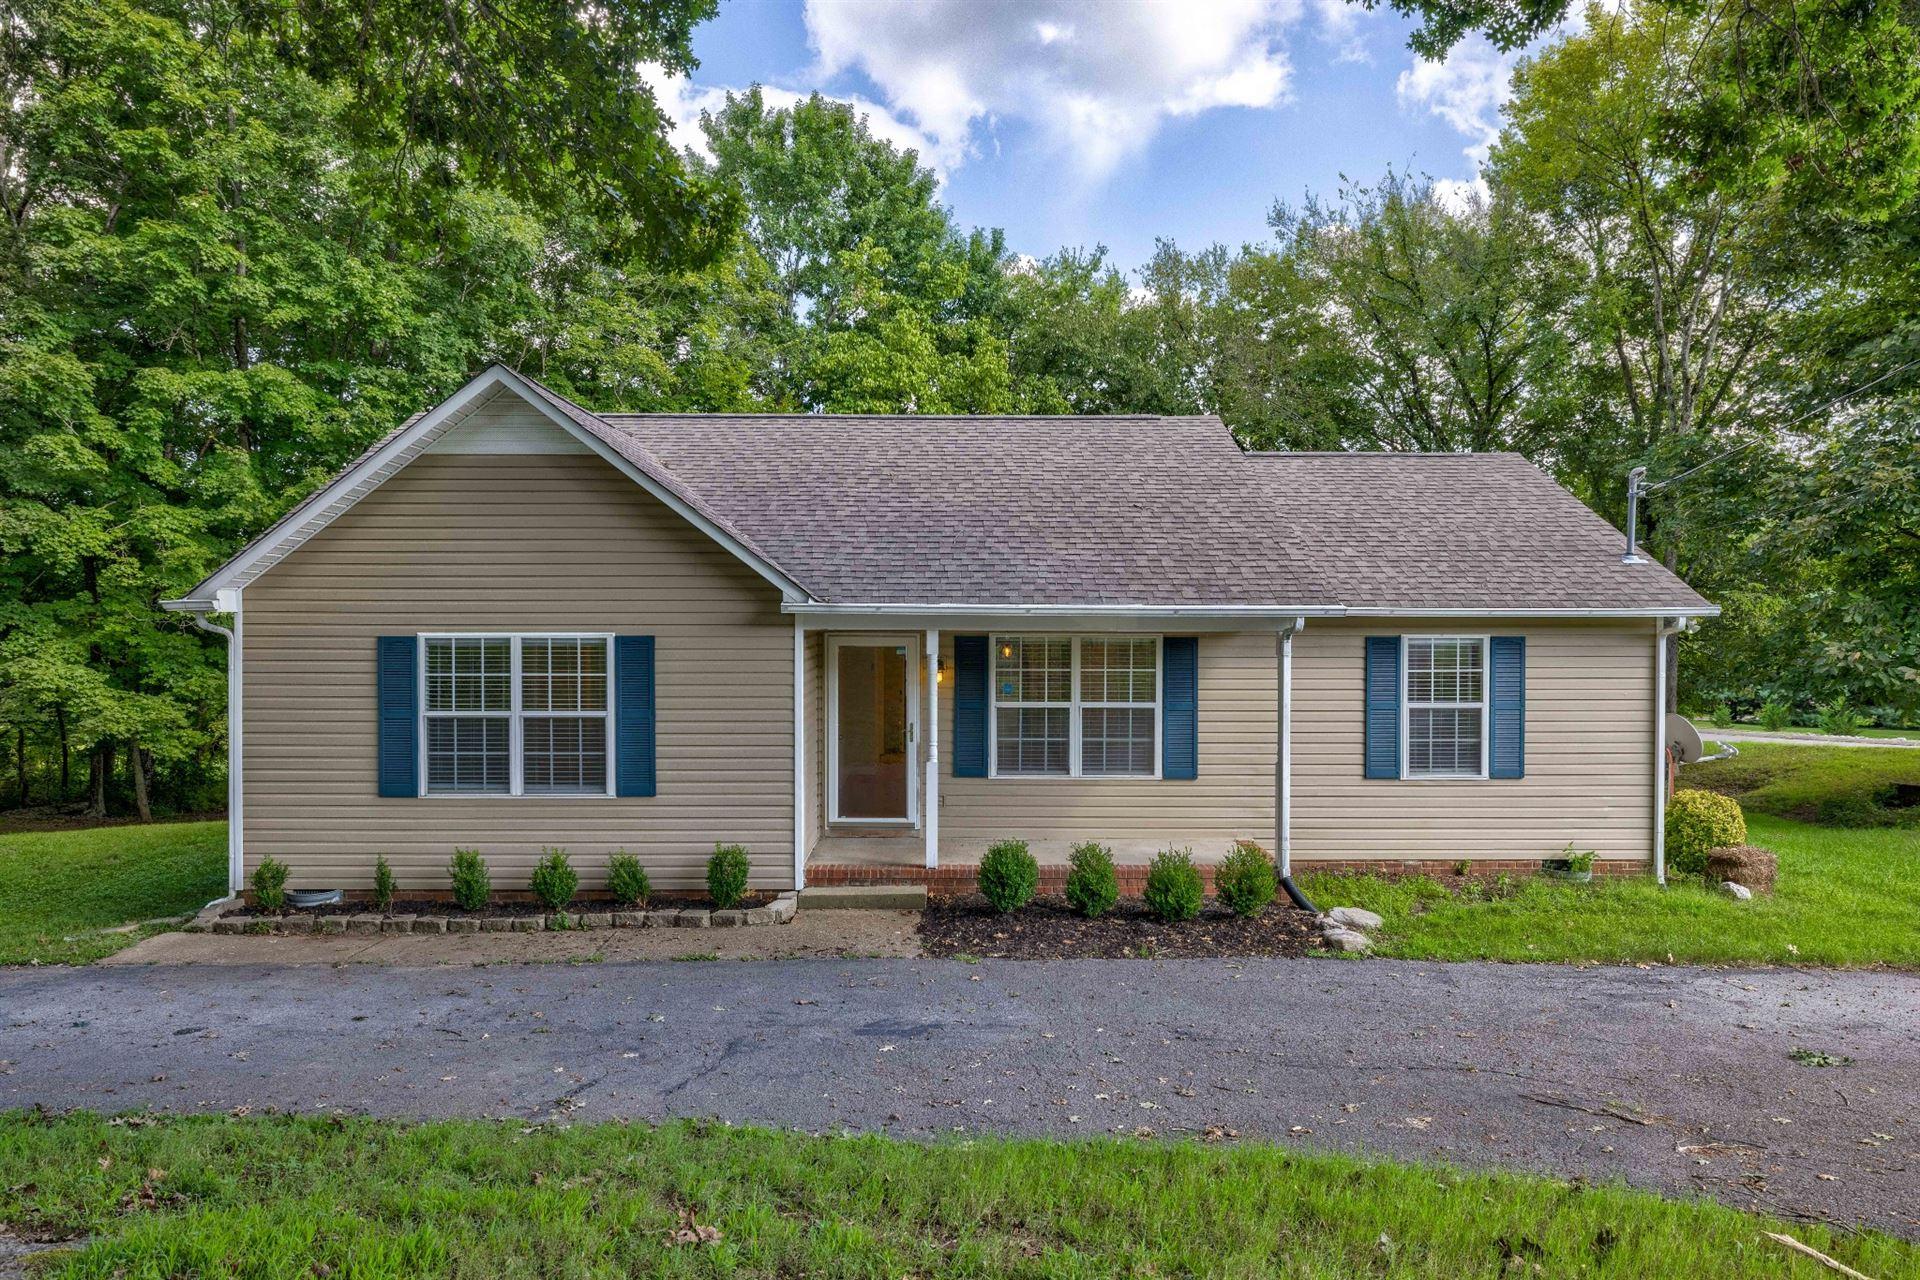 Photo of 2316 Pumpkin Creek Ln, Spring Hill, TN 37174 (MLS # 2286307)